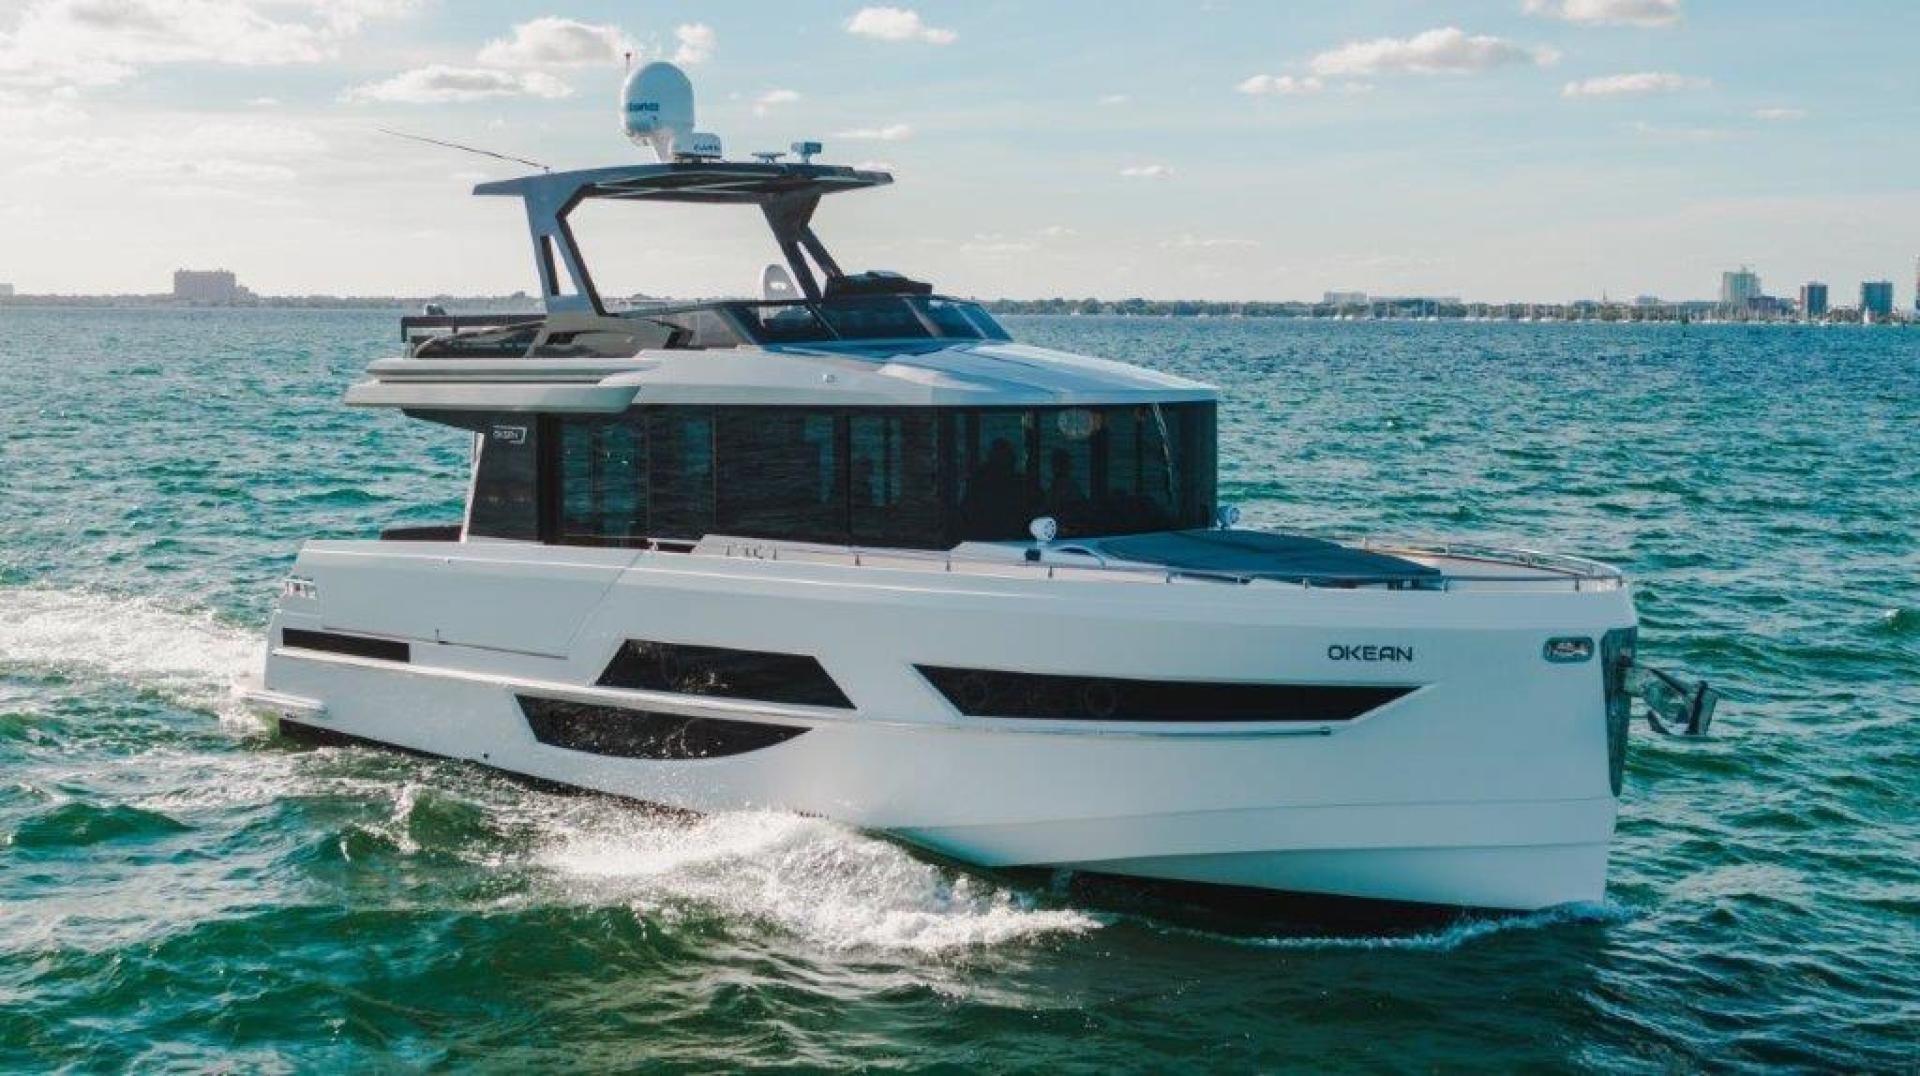 Okean-Flybridge 2019-VEDGE Miami-Florida-United States-VEDGE-1600203 | Thumbnail